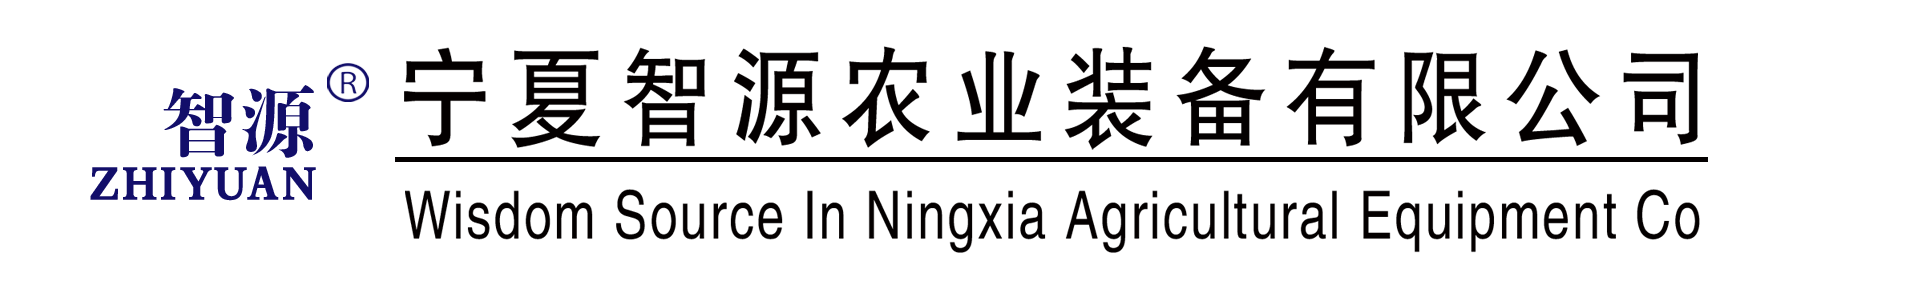 raybet竞彩雷竞技官网下载农业装备有限公司